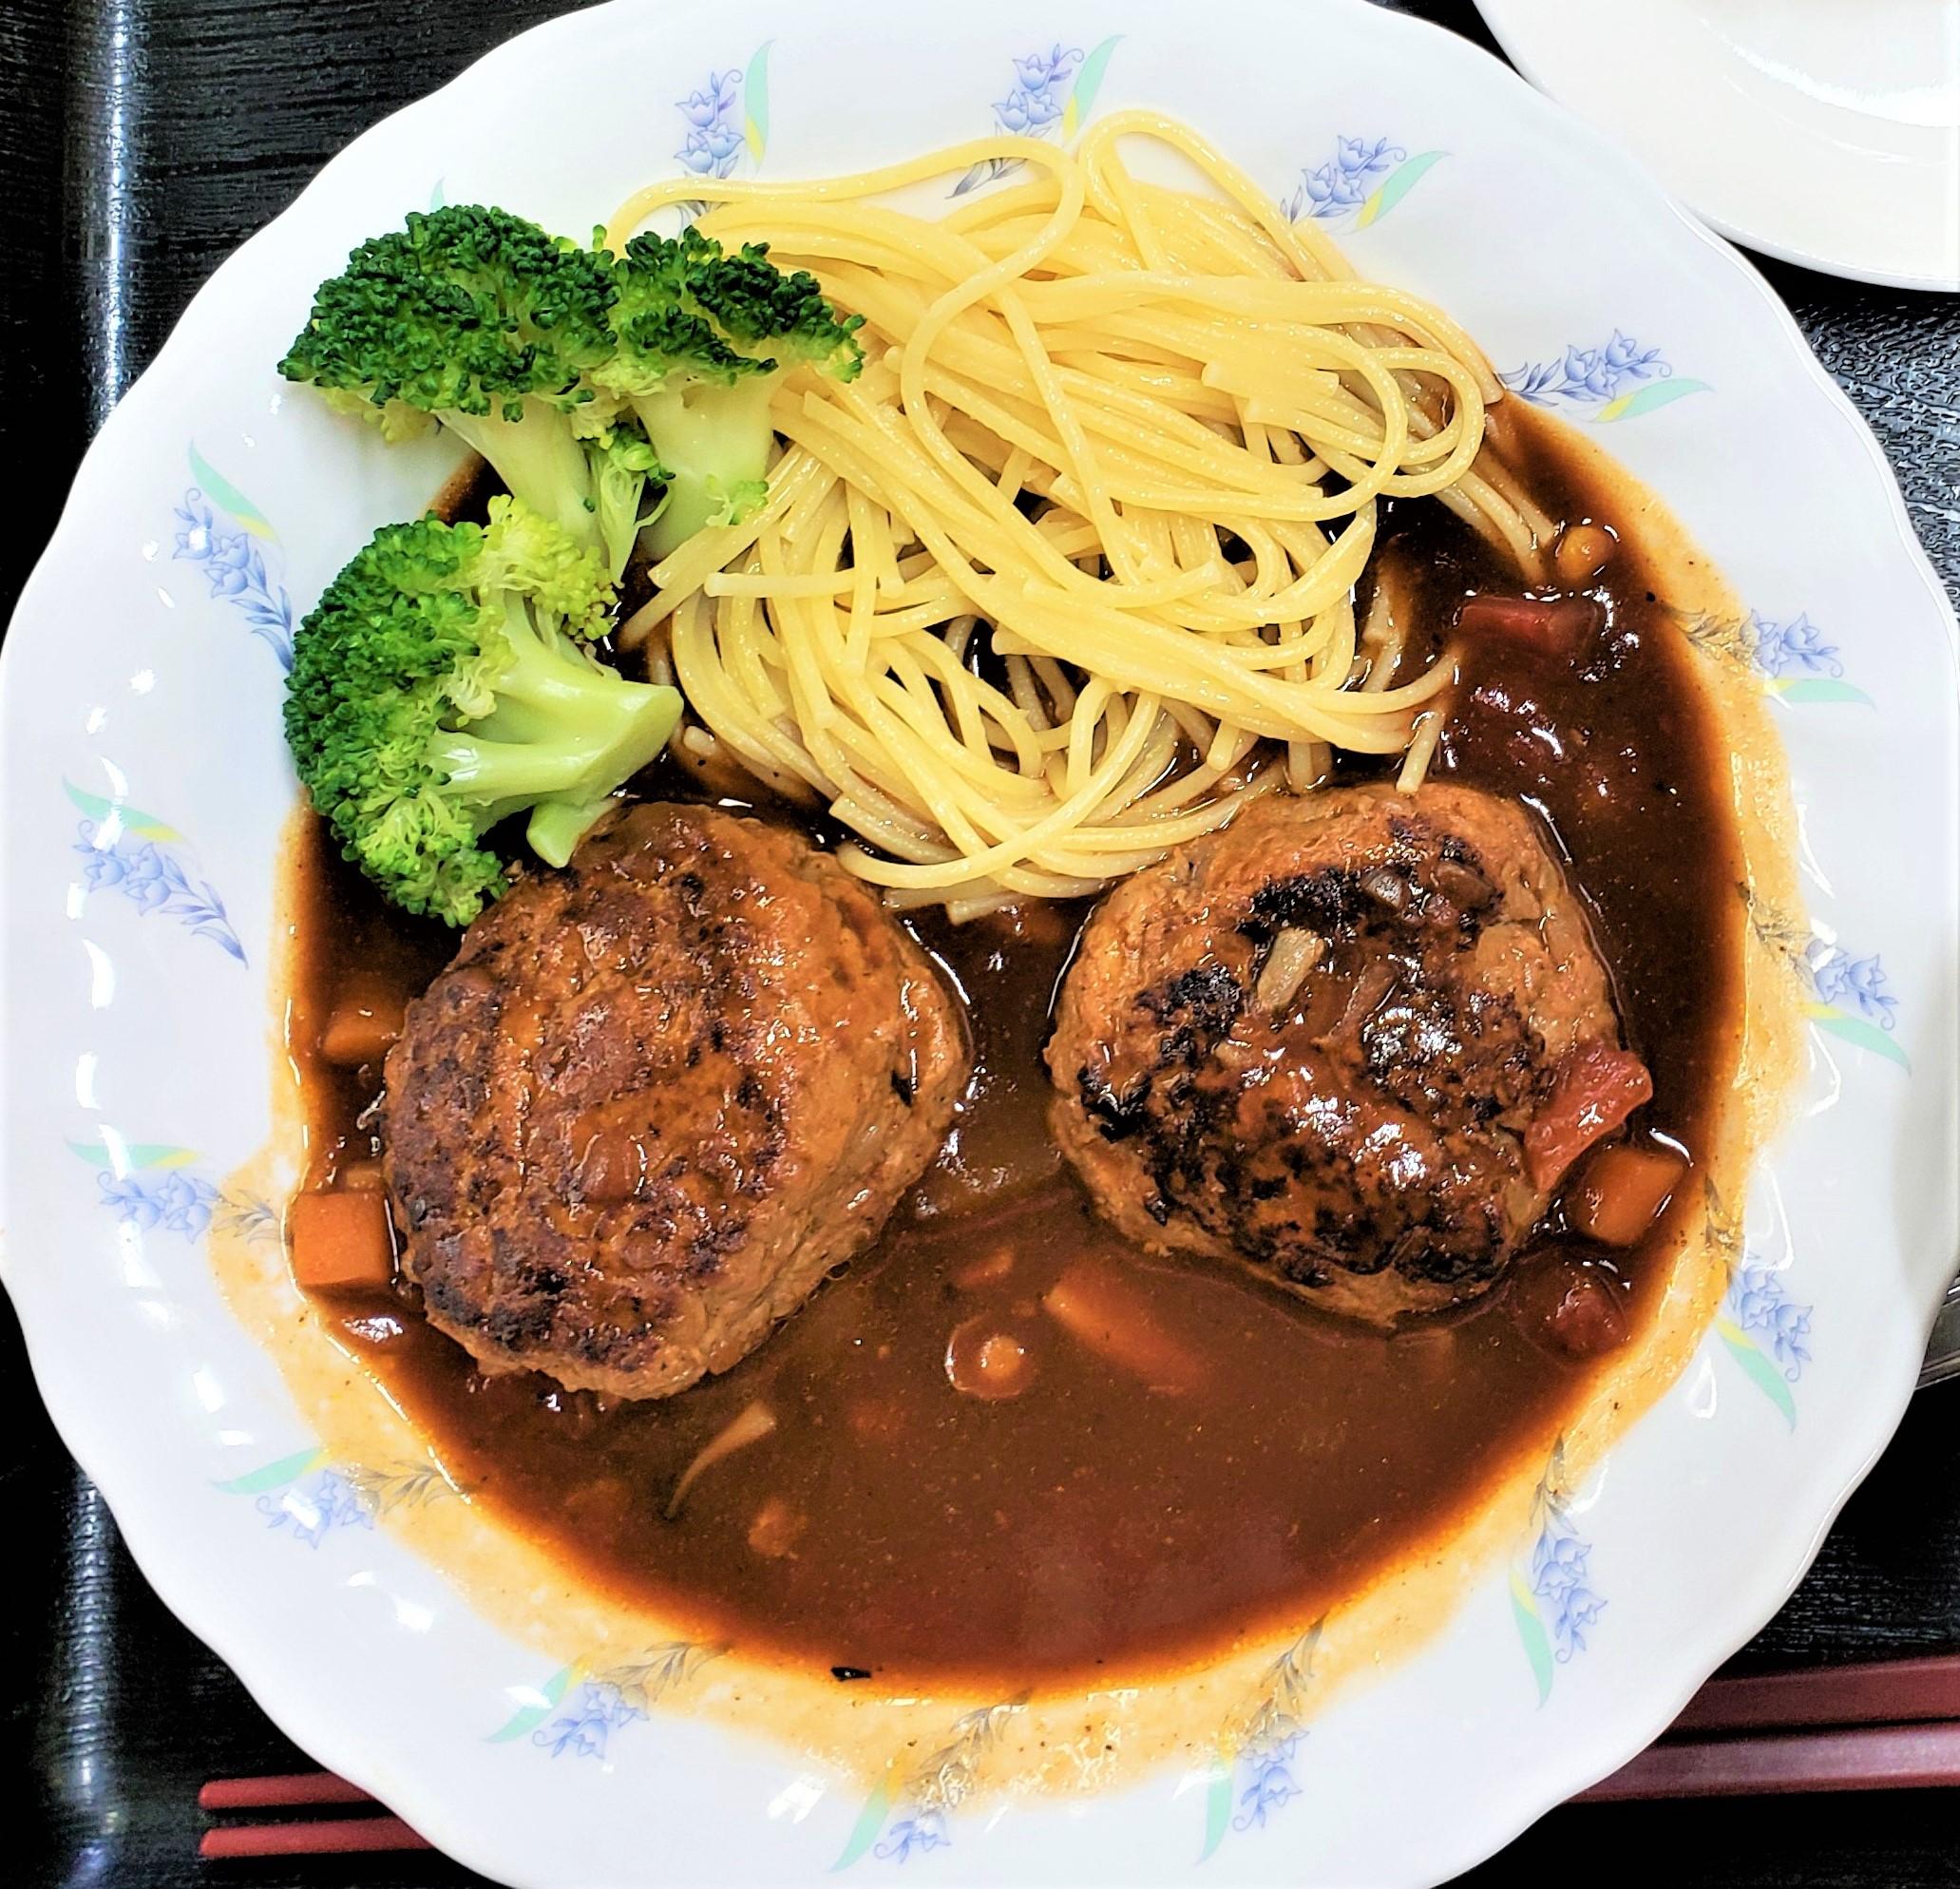 ⭐サプライズ昼食会 vol.5 煮込みハンバーグ&スパゲッティー⭐~❥喜連西デイサービス❥~